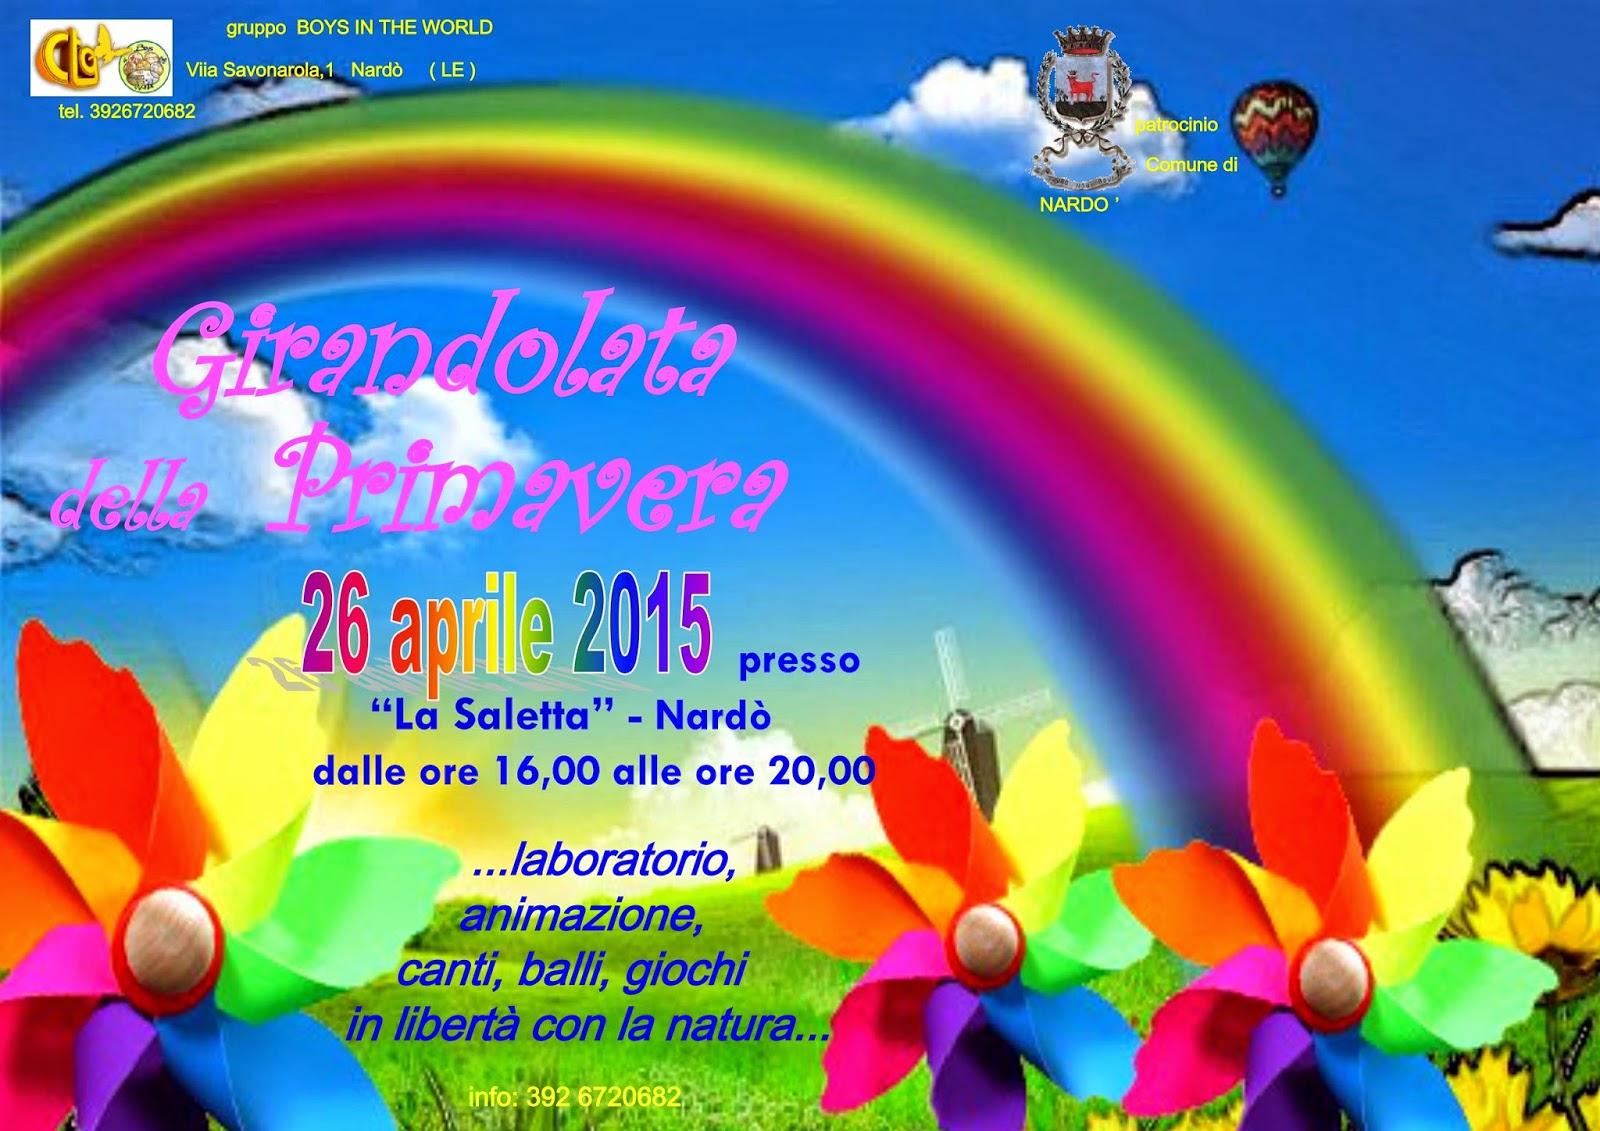 girandolata della primavera, Ctg Boys in the world, Nardò, Lecce